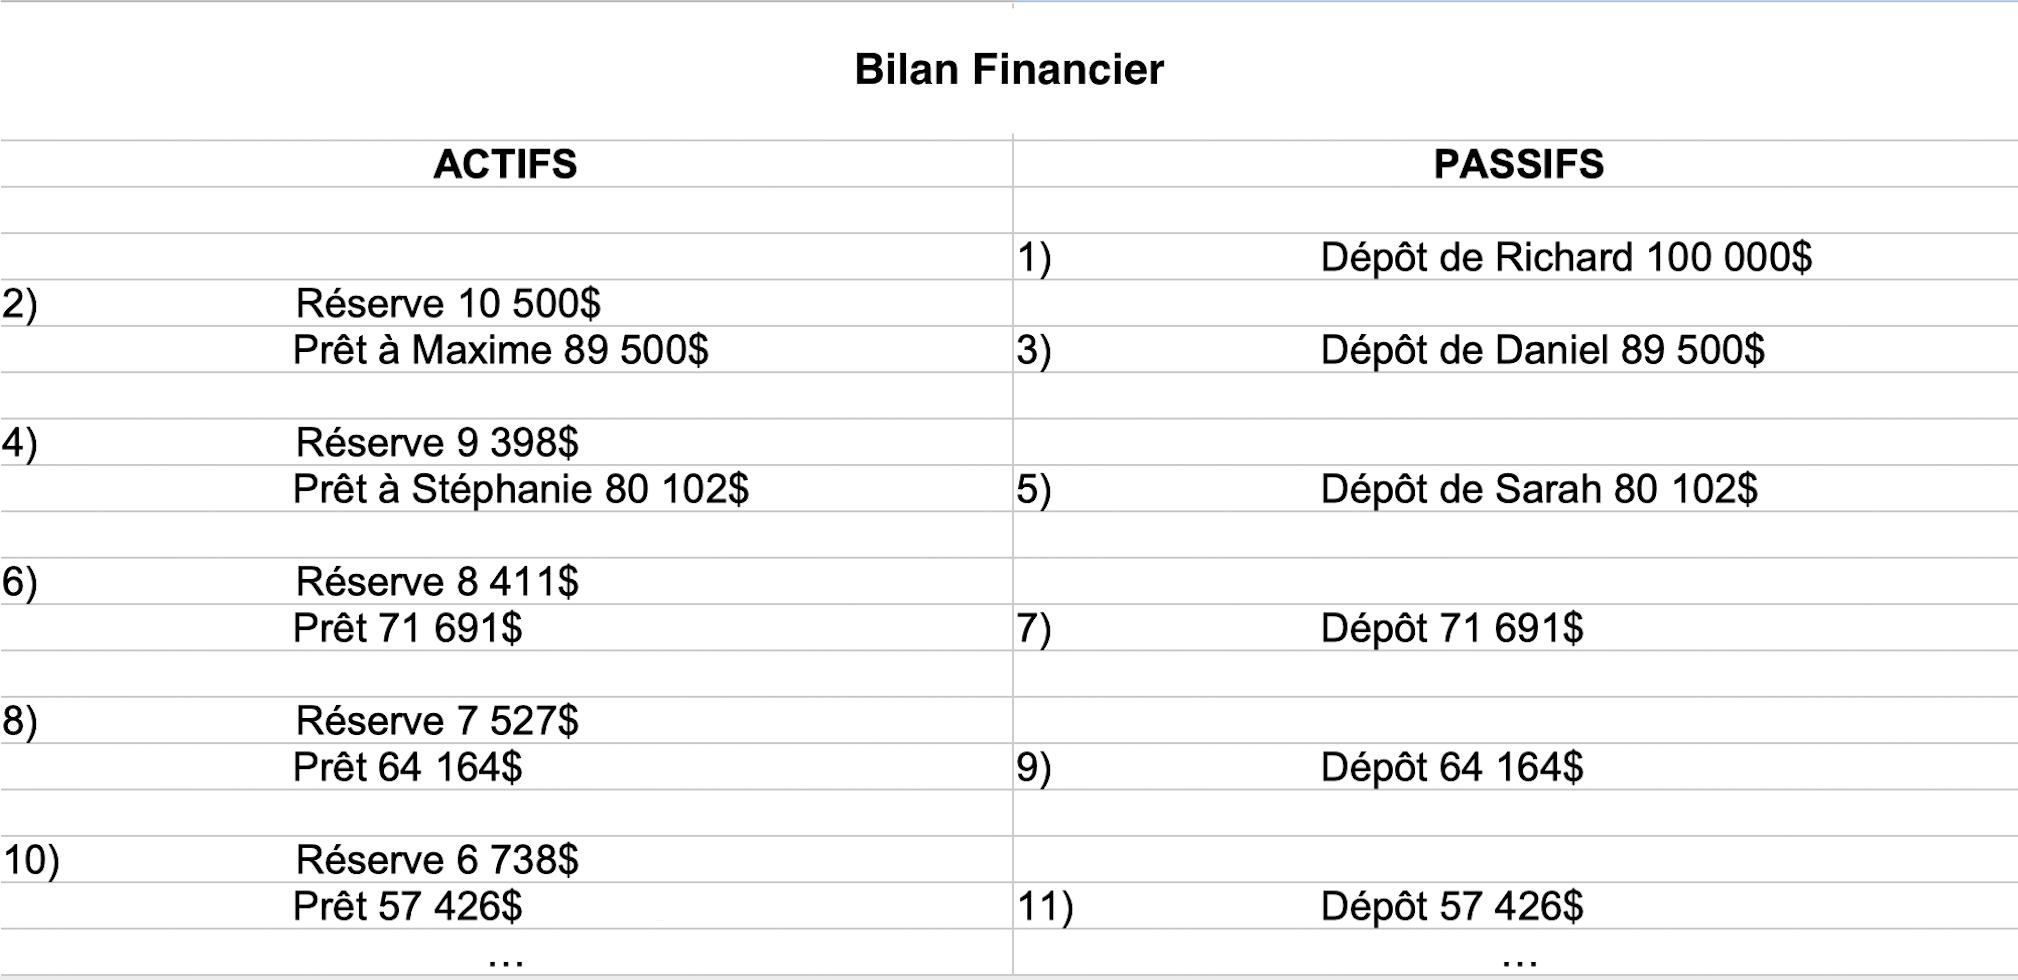 Bilan Financier Bancaire